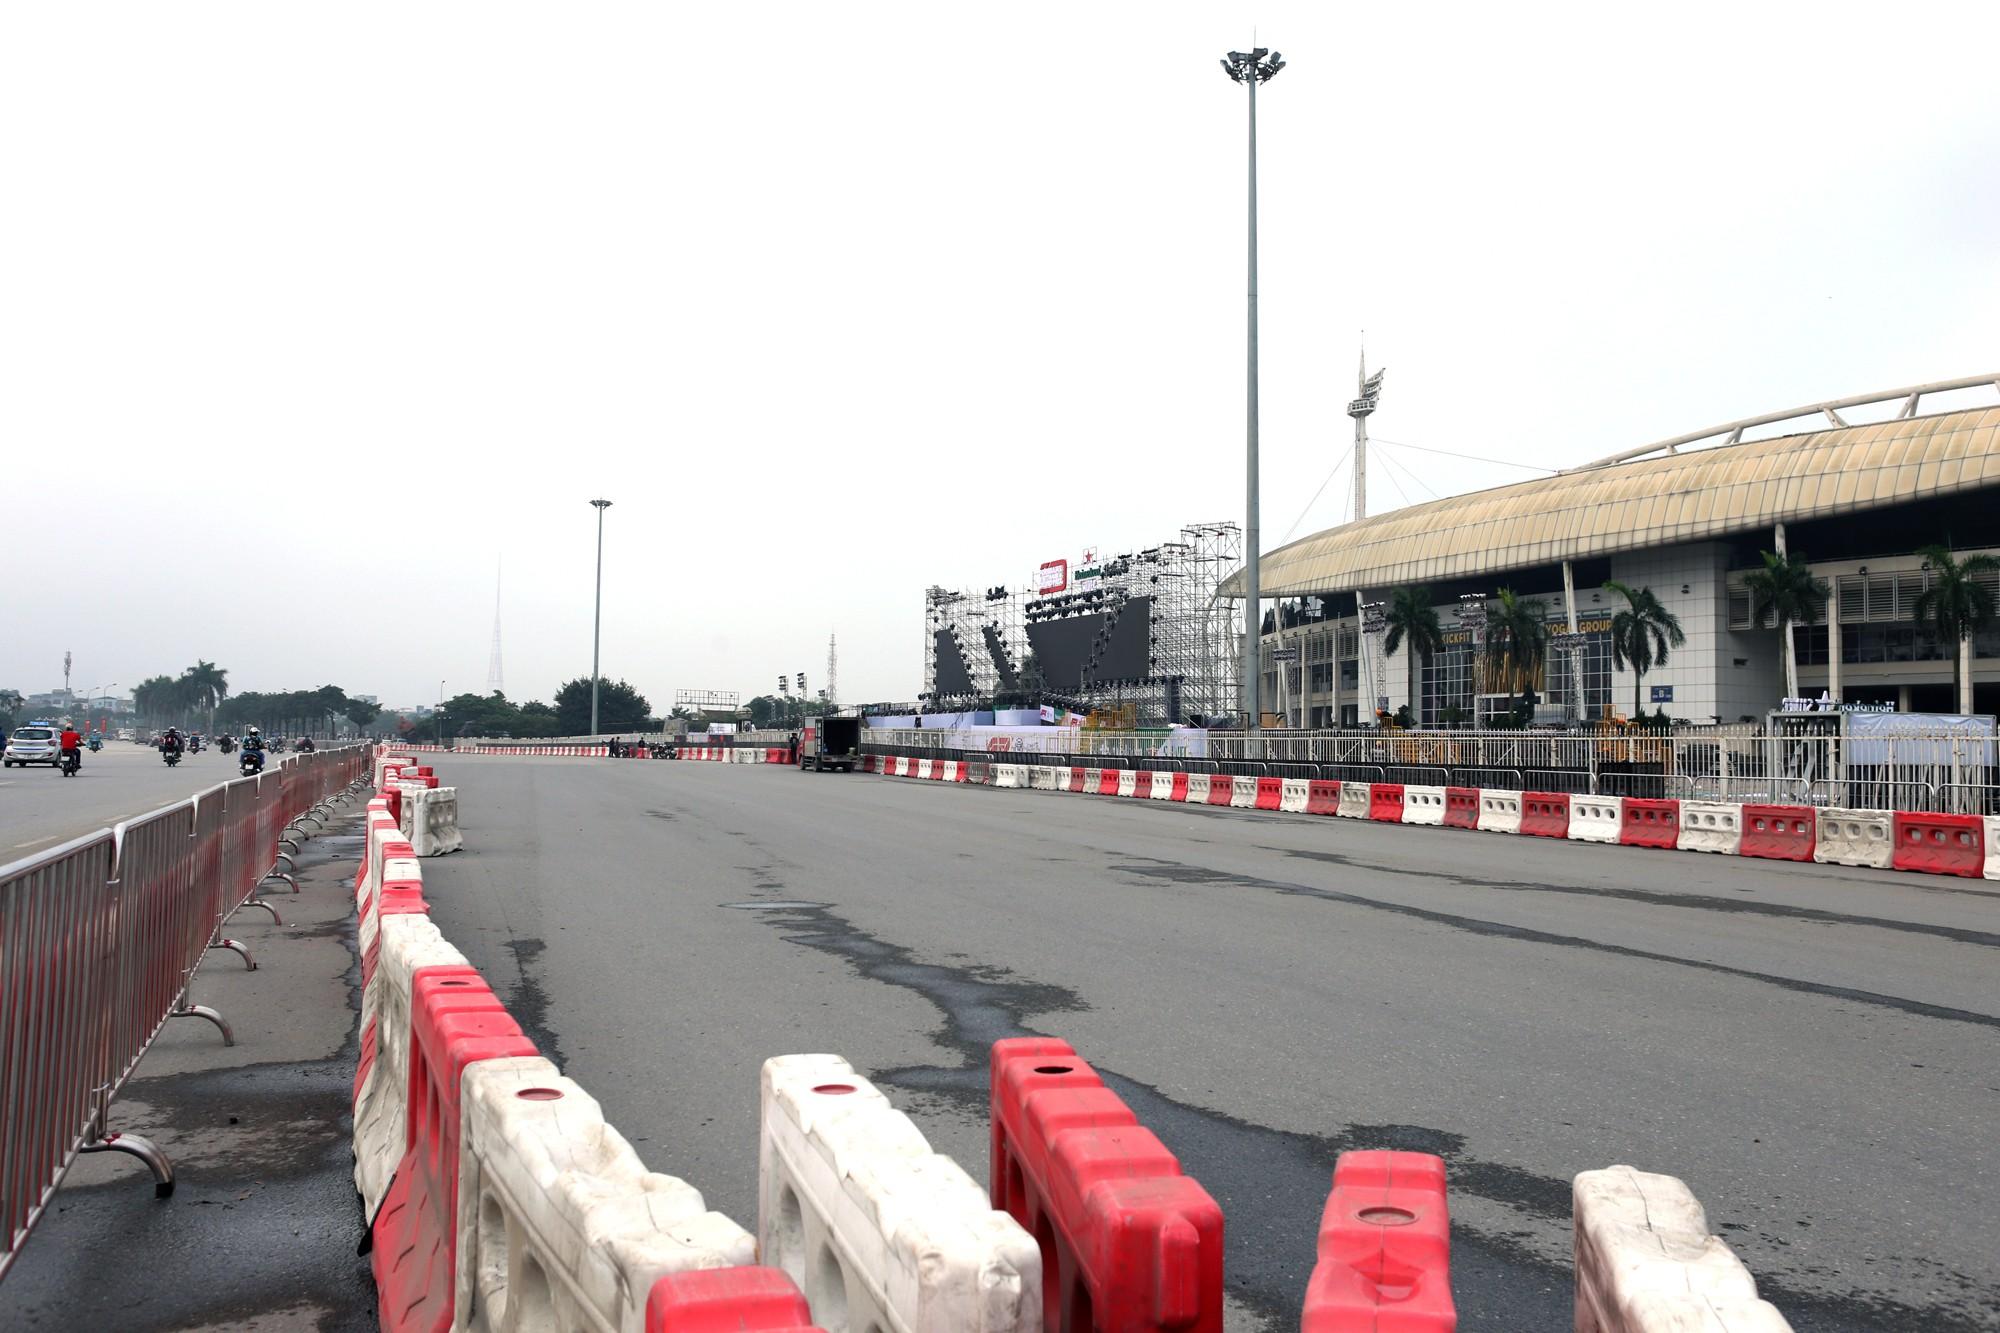 Cận cảnh nơi xe đua F1 sắp trình diễn ở sân vận động Mỹ Đình - Ảnh 1.